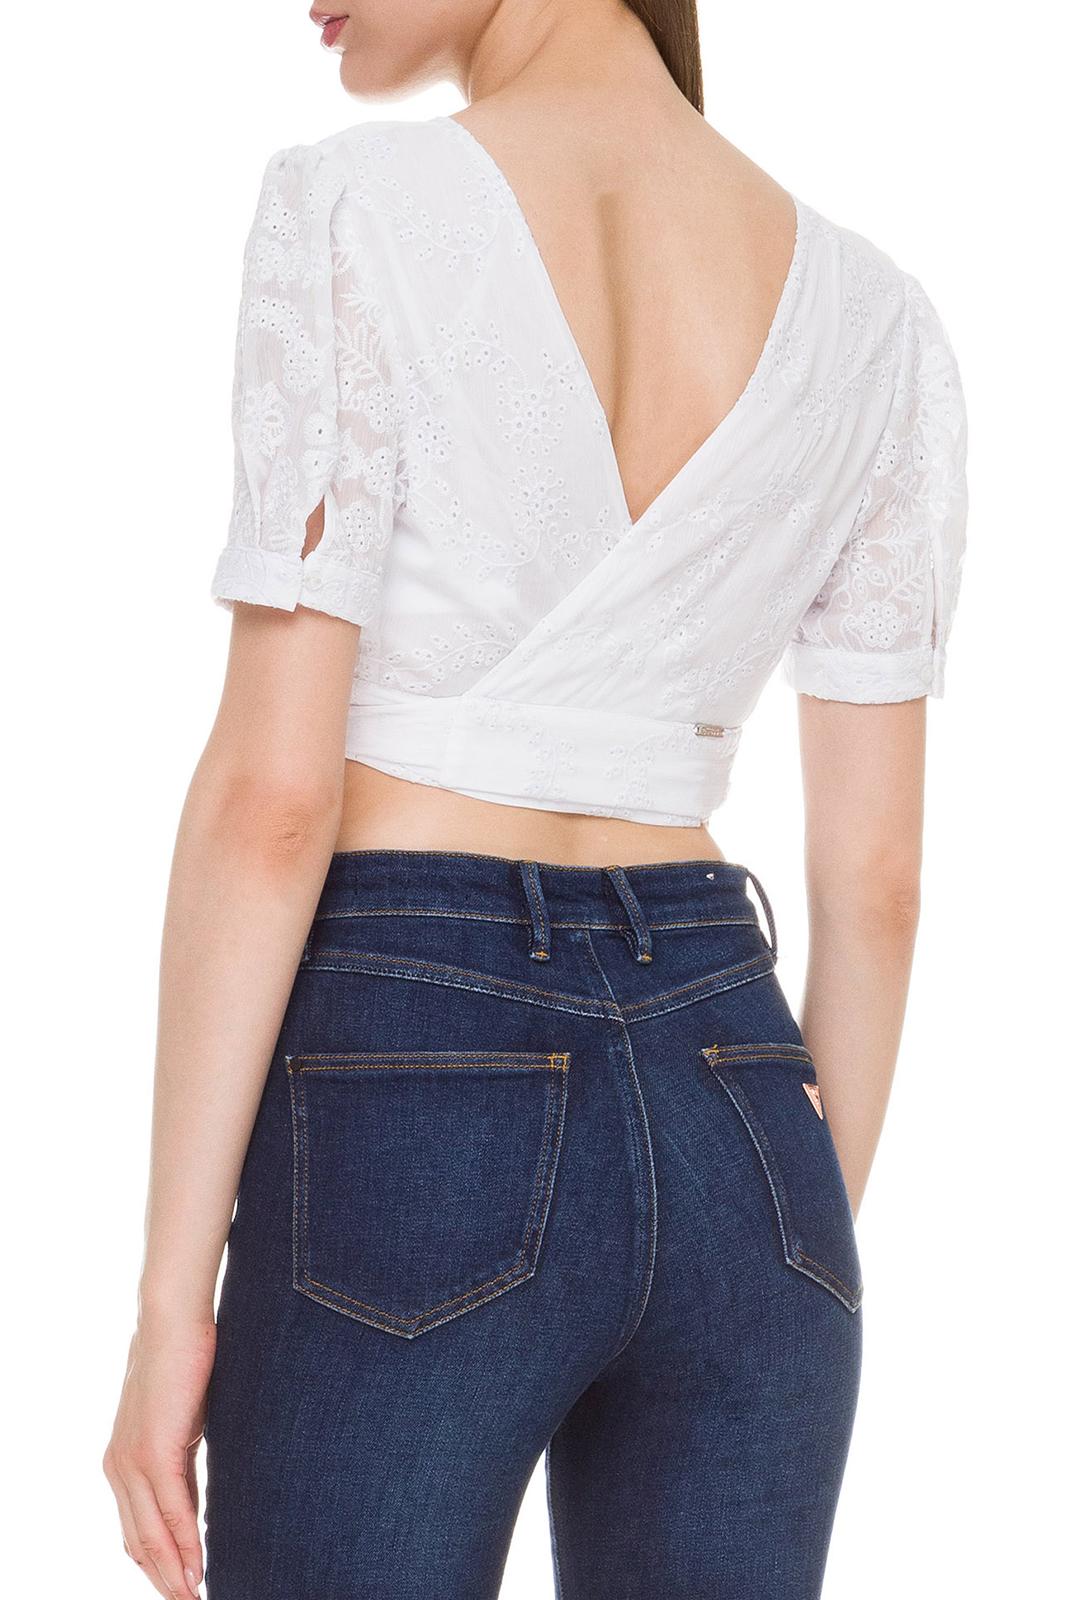 Top   Guess jeans W92H67WBJW0 TRUE WHITE A000